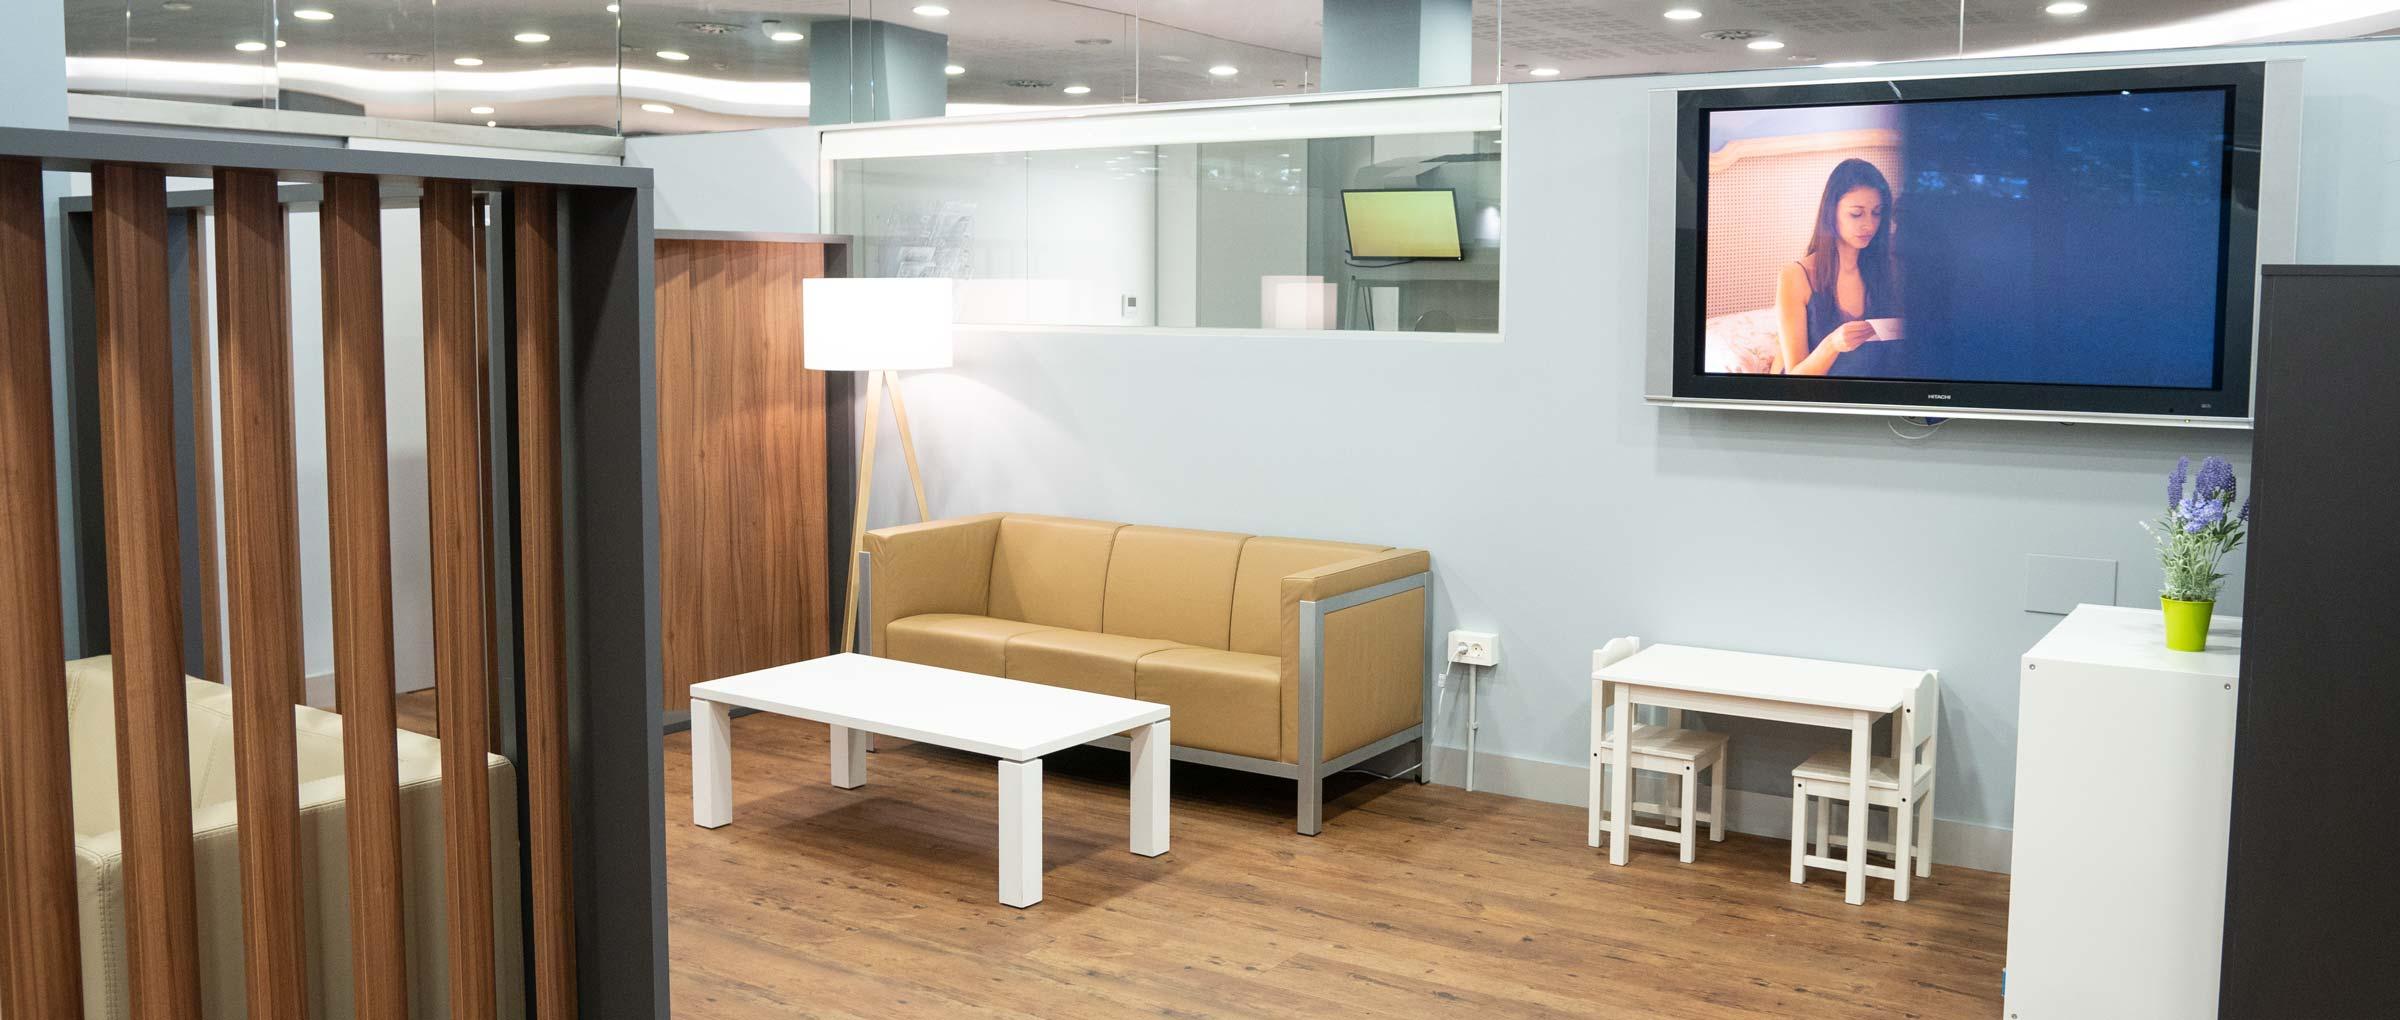 Waiting room for children IVF Donostia